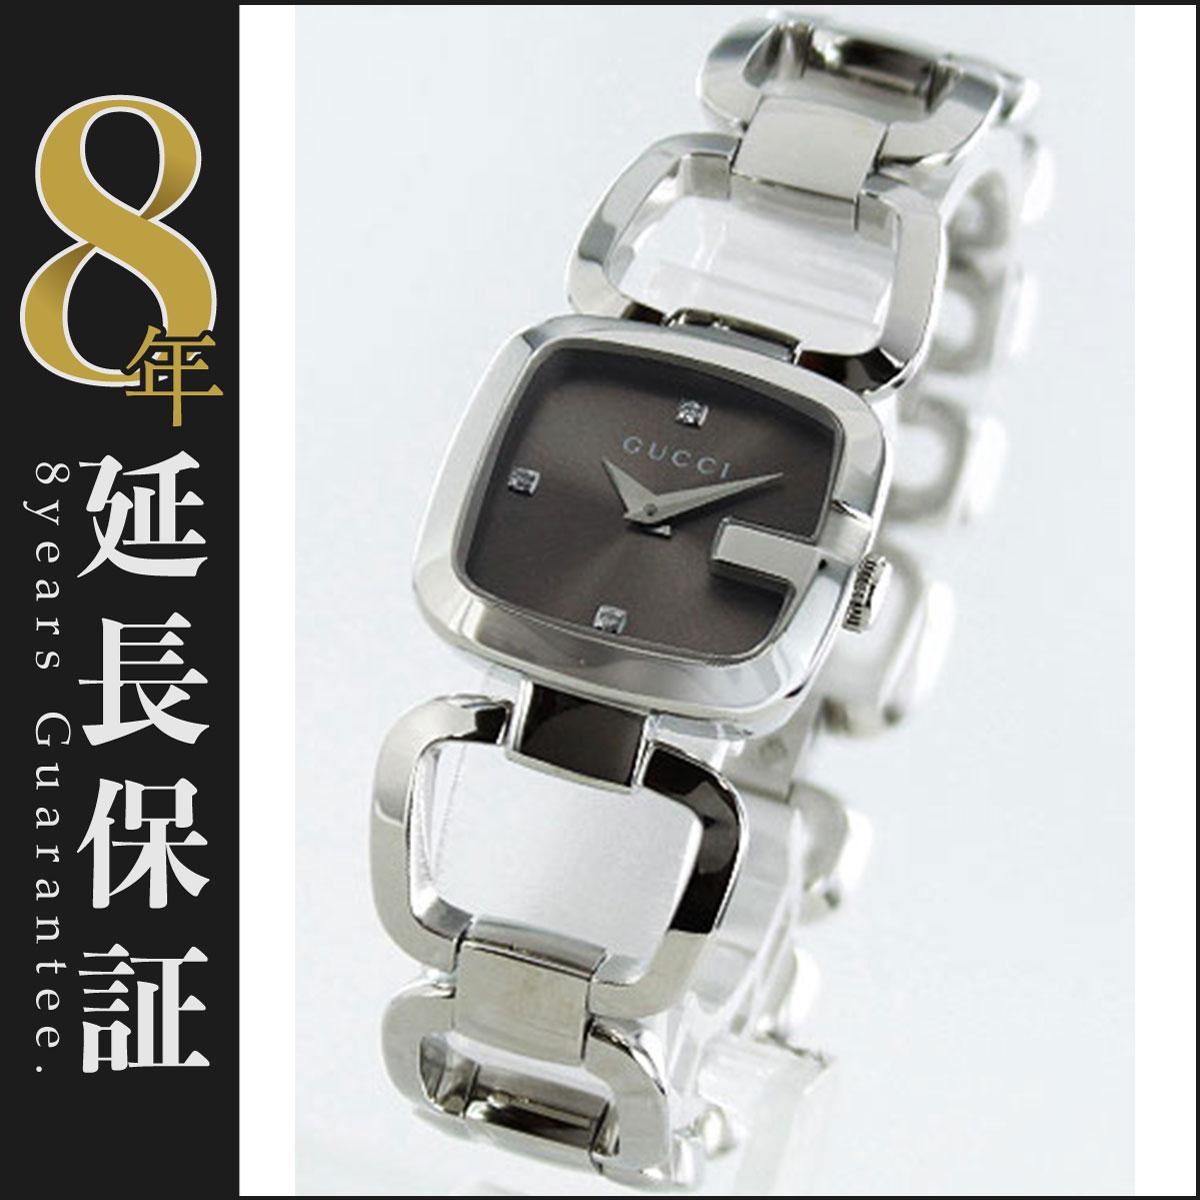 20b4b7cf5b52 グッチ GUCCI 腕時計 Gグッチ ダイヤ レディース YA125503_8 [送料無料][グッチ][YA125503][GUCCI][時計][新品]